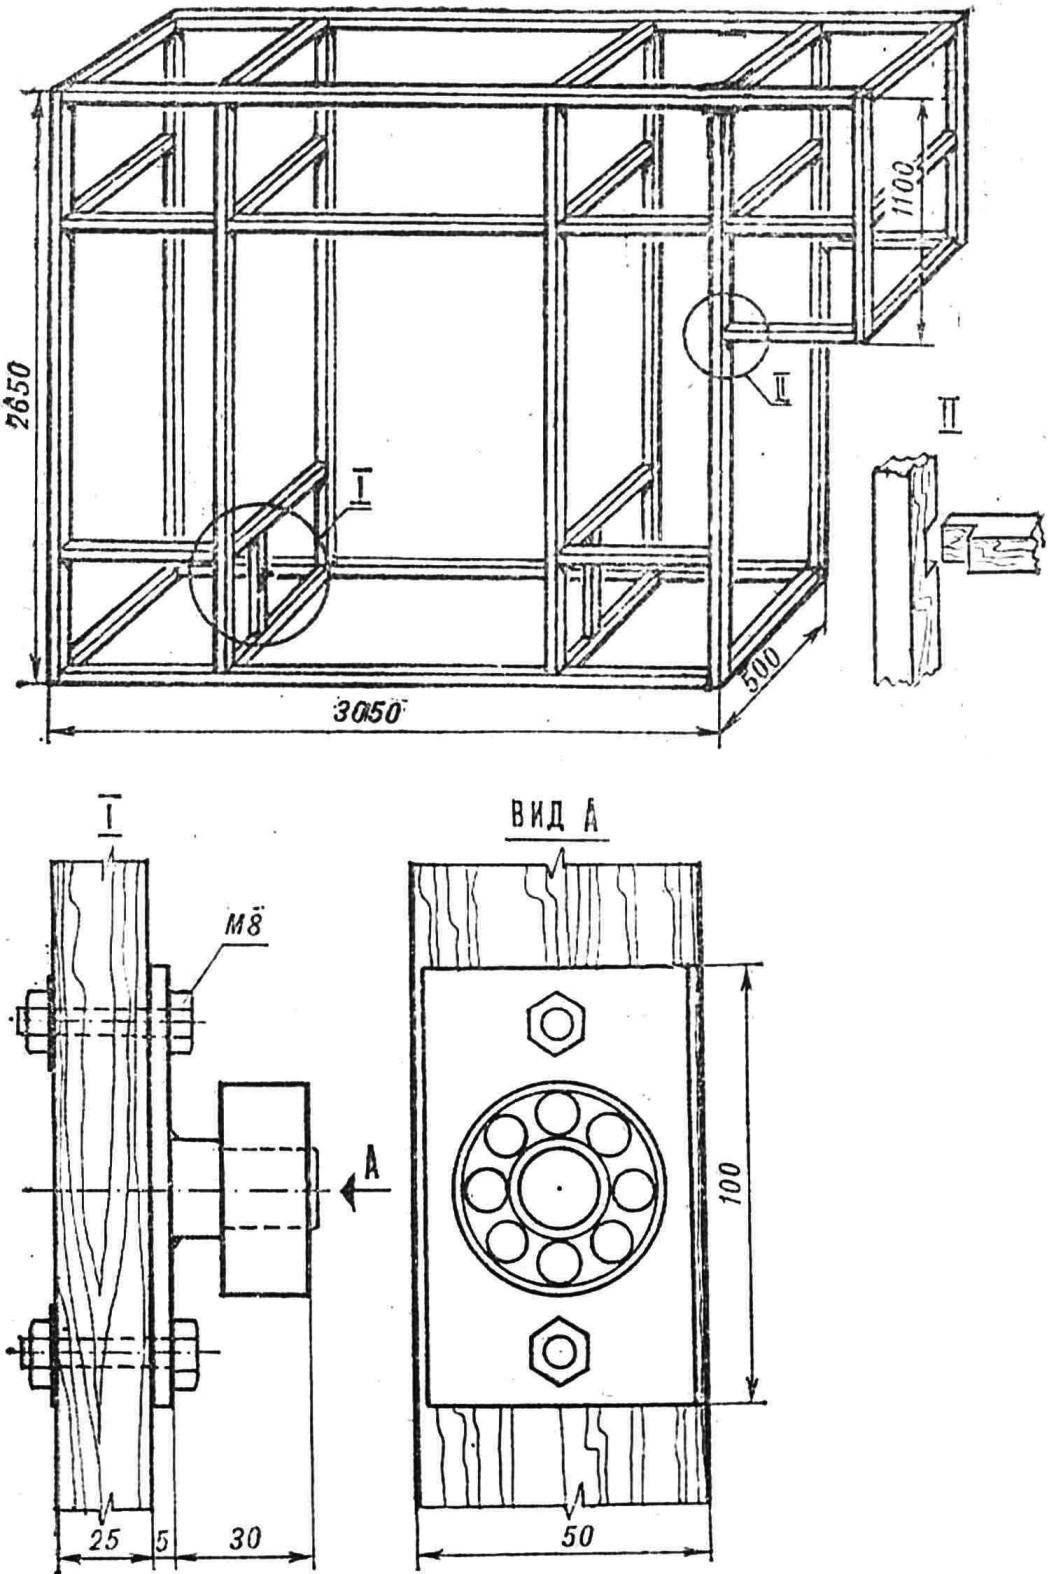 Р и с. 2. Каркас стенки (справа — ниш для детской кроватки или тумбочки под радиоаппаратуру).